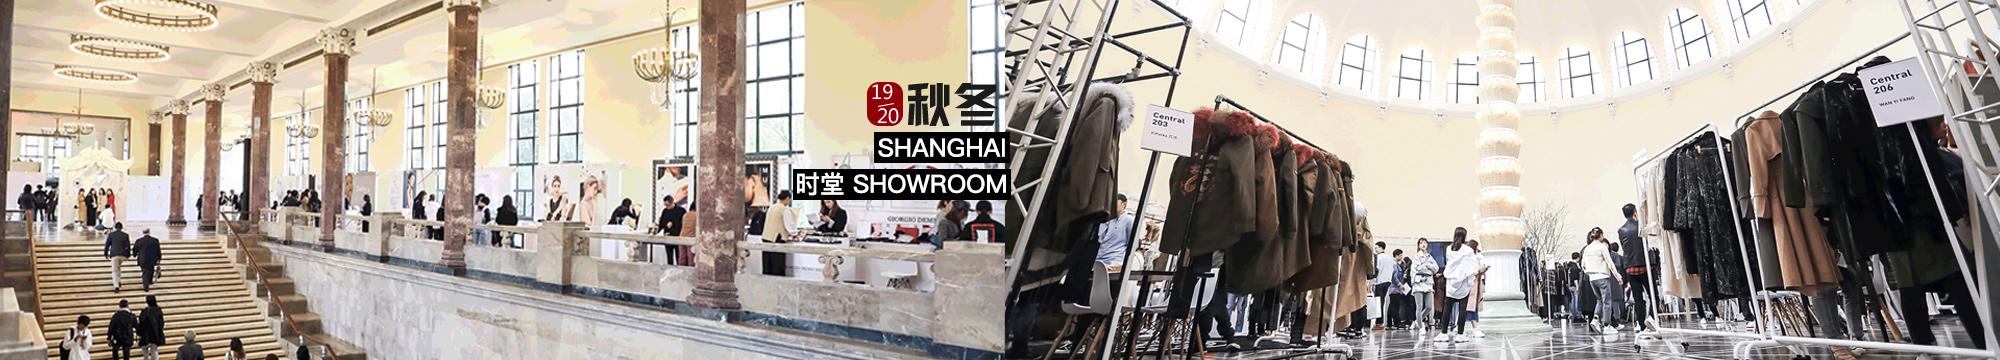 1920秋冬SHANGHAI时堂SHOWROOM